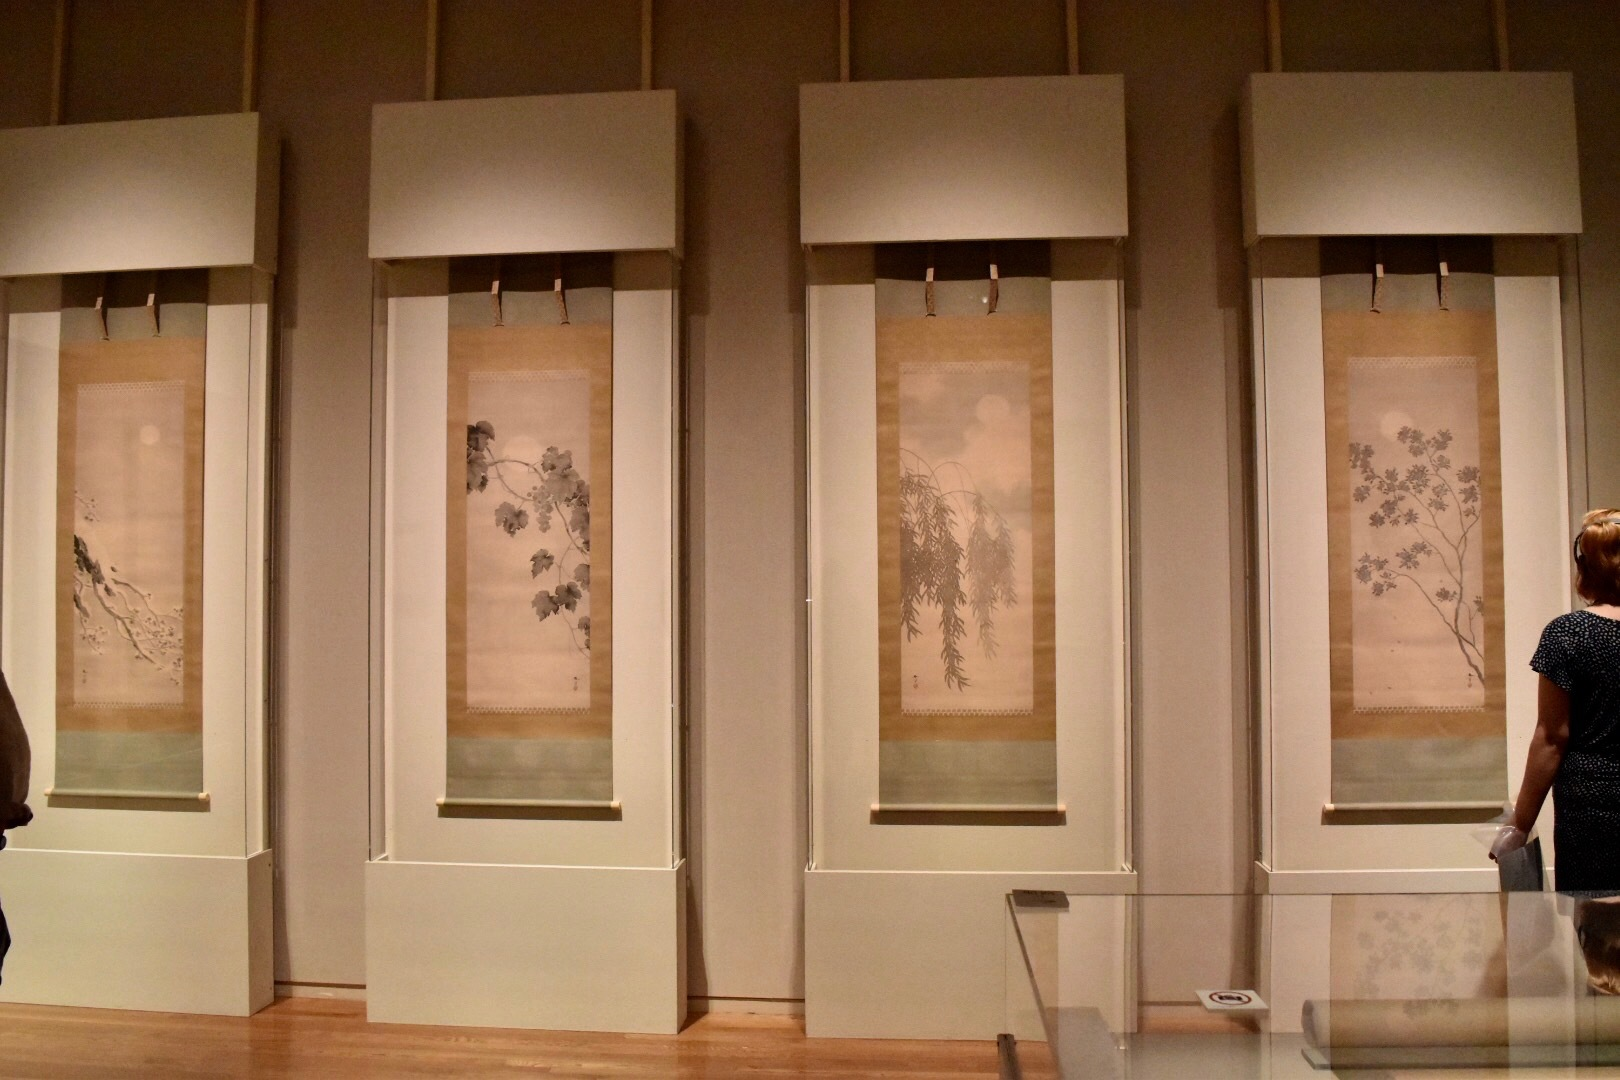 菱田春草 《月四題》 1909-10(明治42-43)年頃 山種美術館蔵